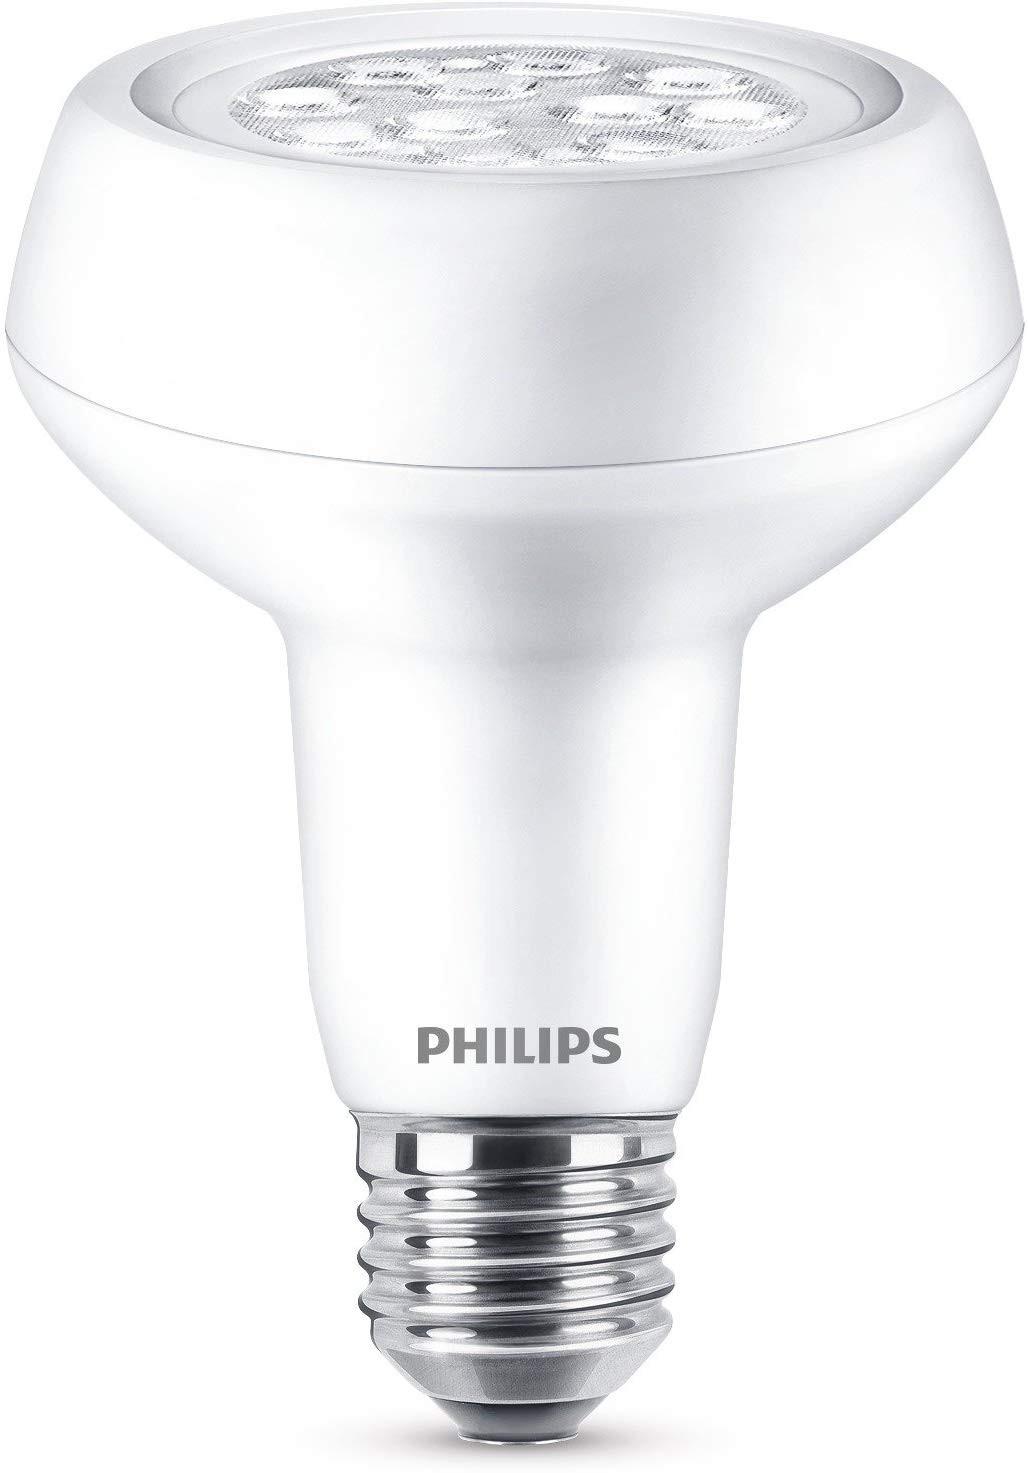 Lampadina E27 2700k 36° Philips